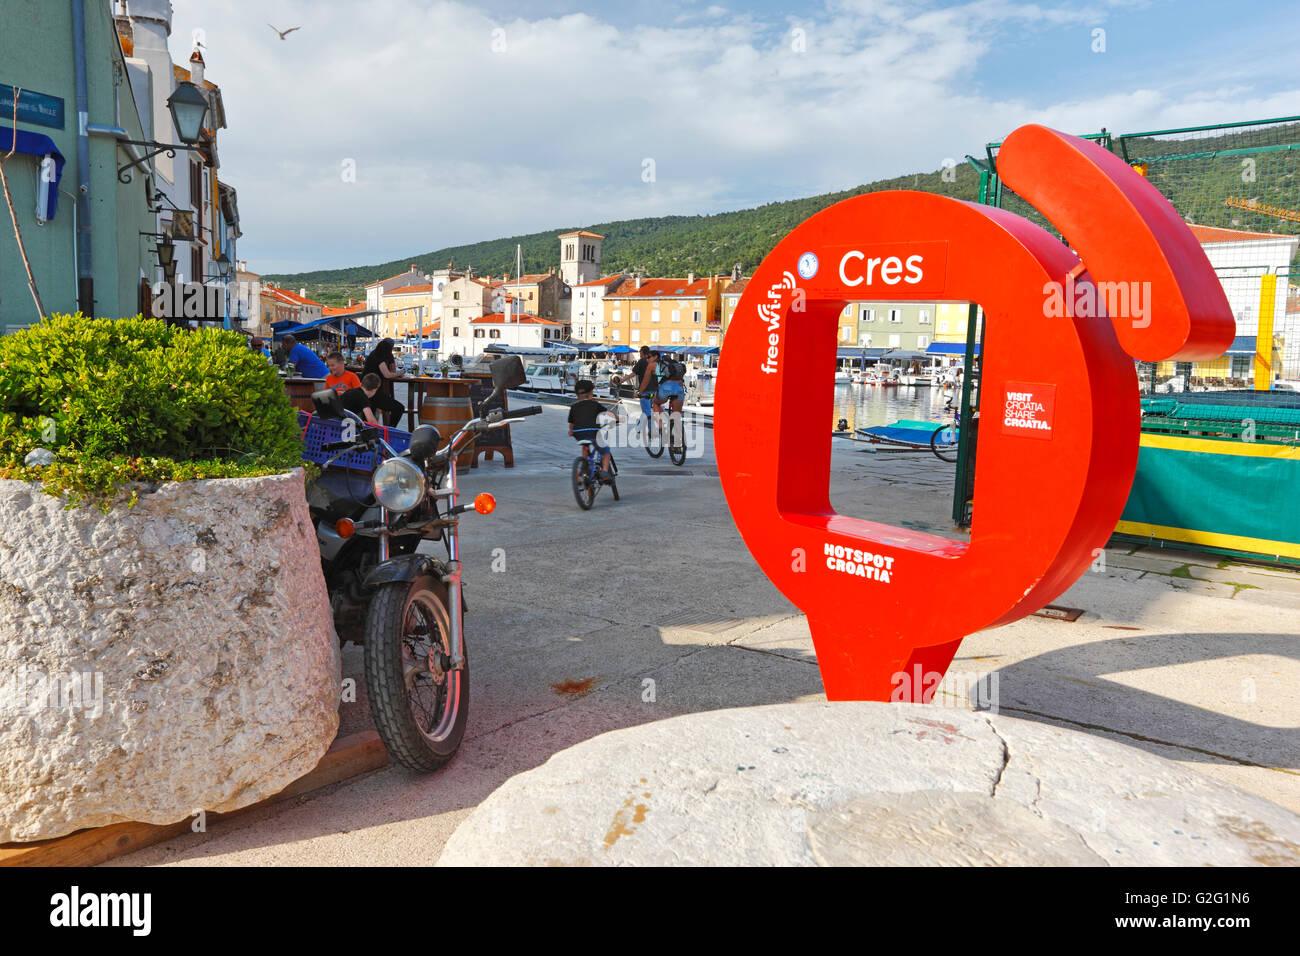 Hotspot wifi gratuito en la ciudad de Cres Imagen De Stock